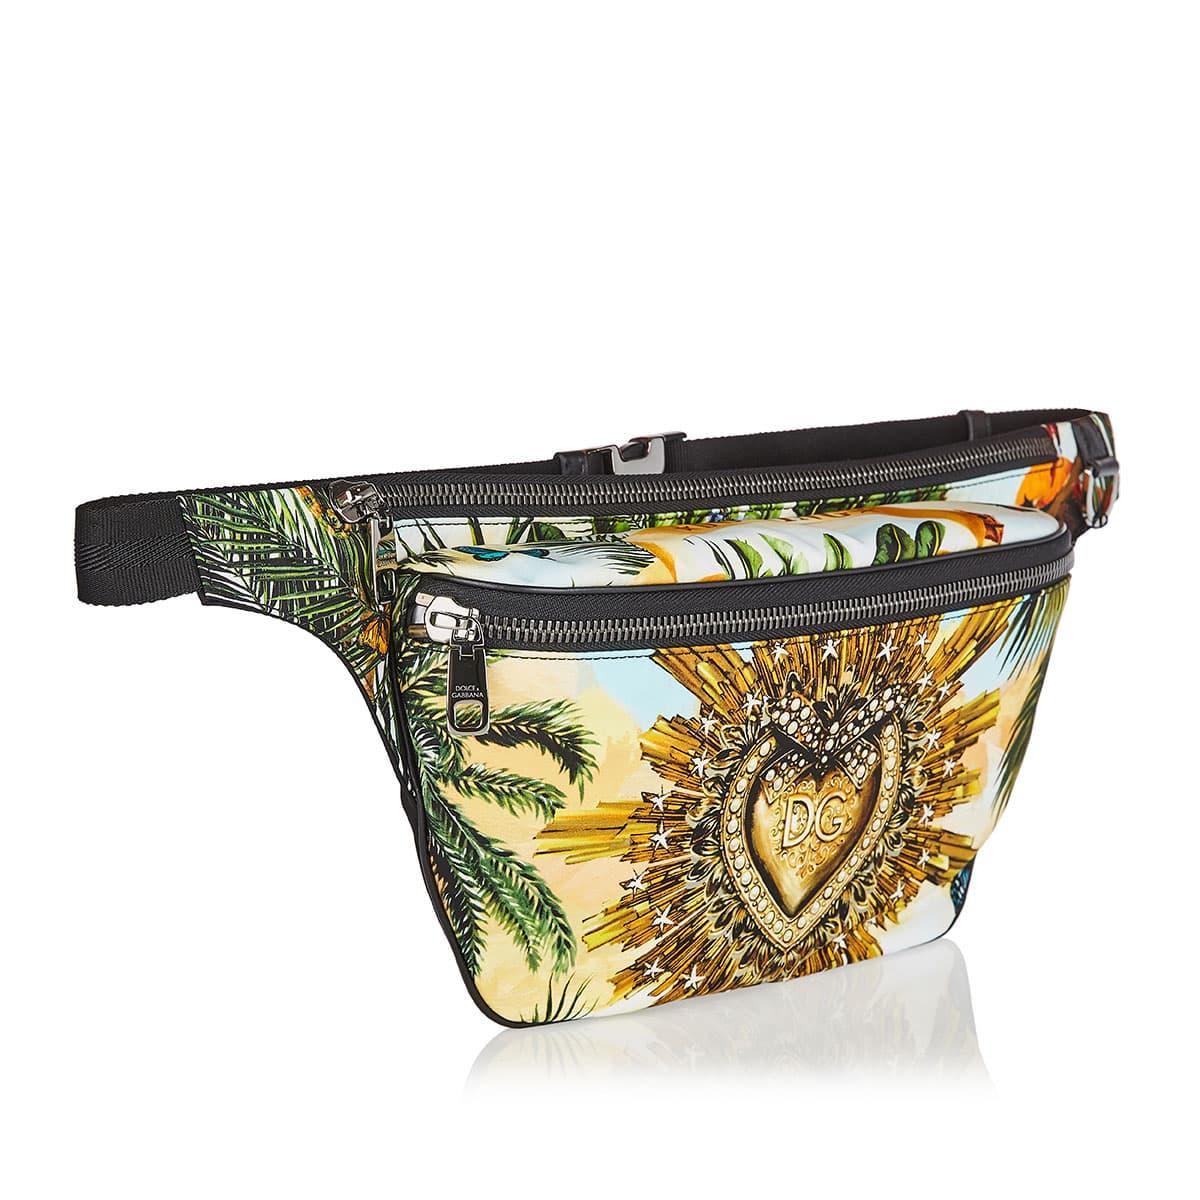 Tropical printed Vulcano belt bag